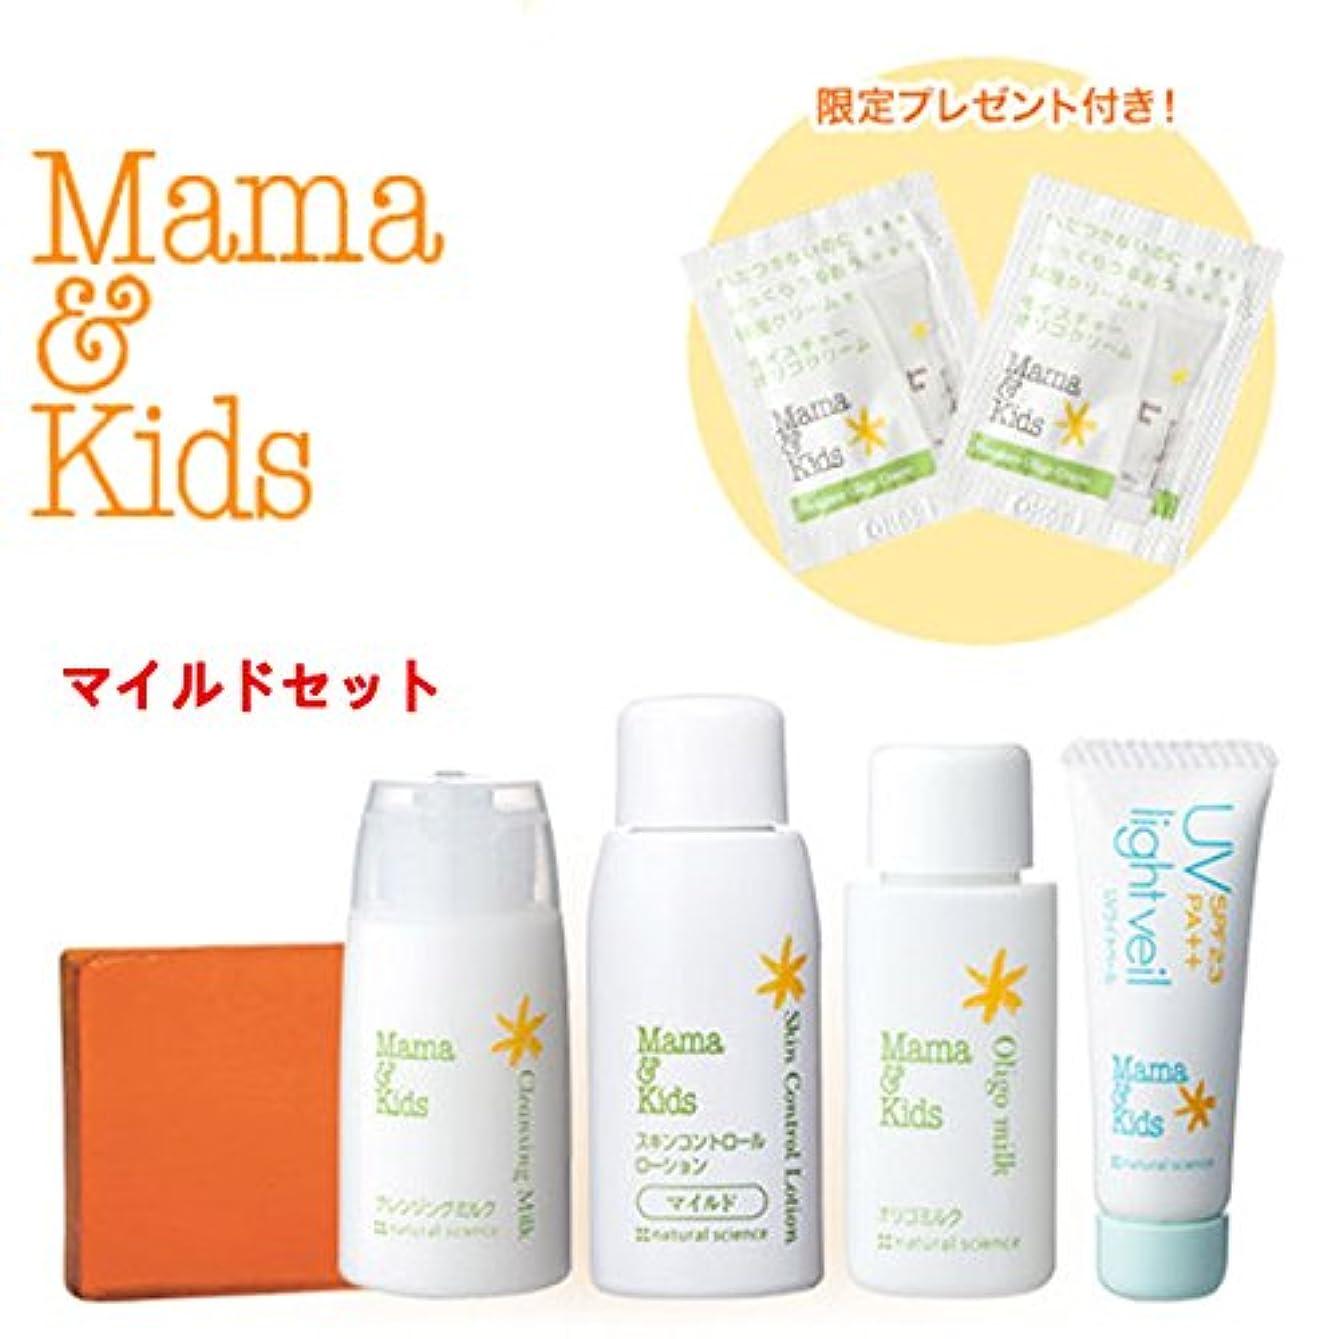 広範囲に繊毛想像力ママ&キッズぷるぷるお肌トライアルセット(マイルド)/Mama&Kids SkinCare Travel set/孕期基础护肤试用装普通保湿